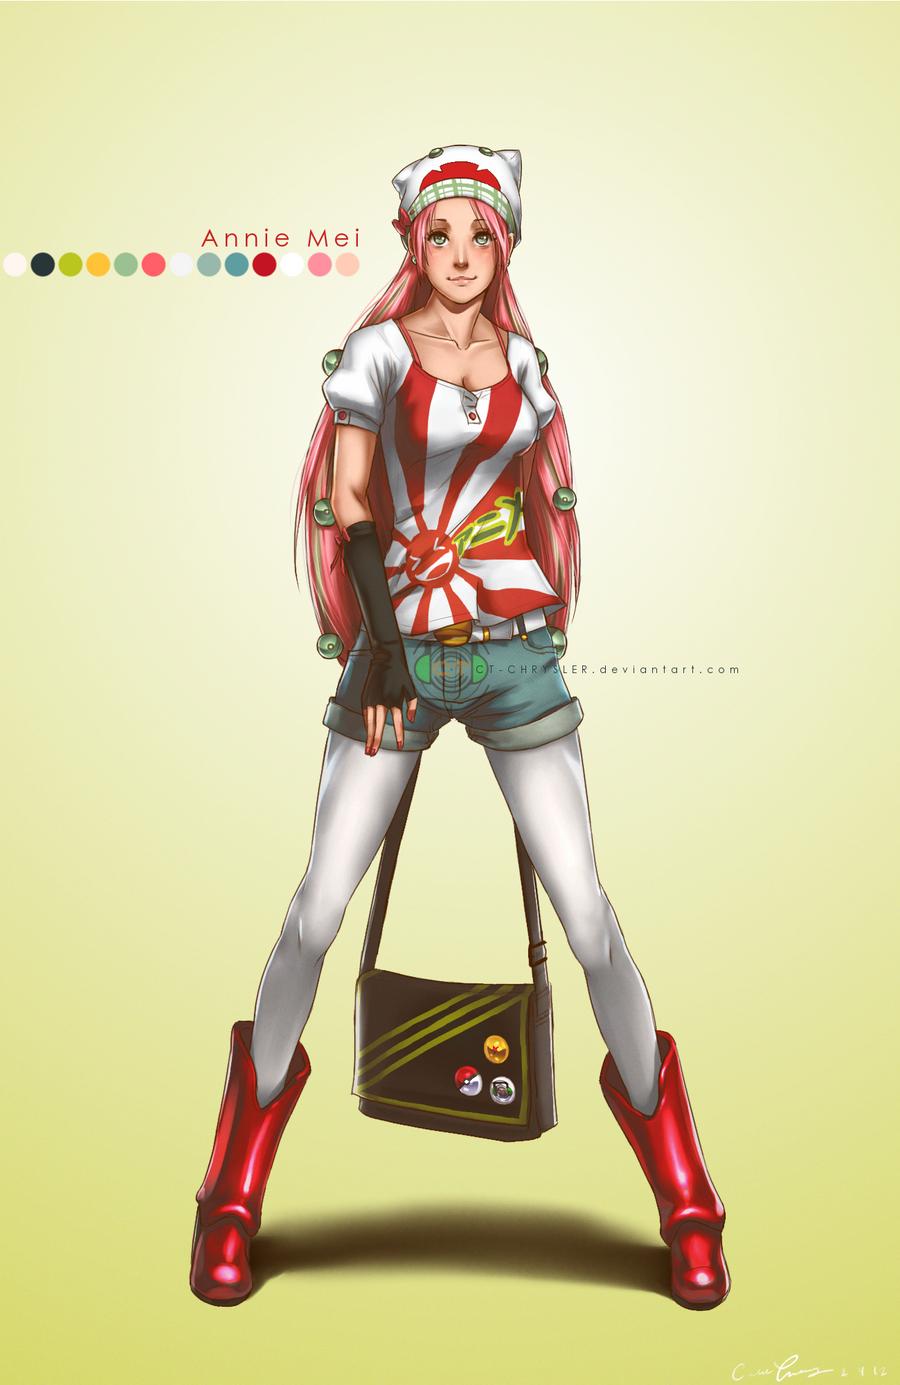 Annie Mei 2 0 1 2 by dCTb